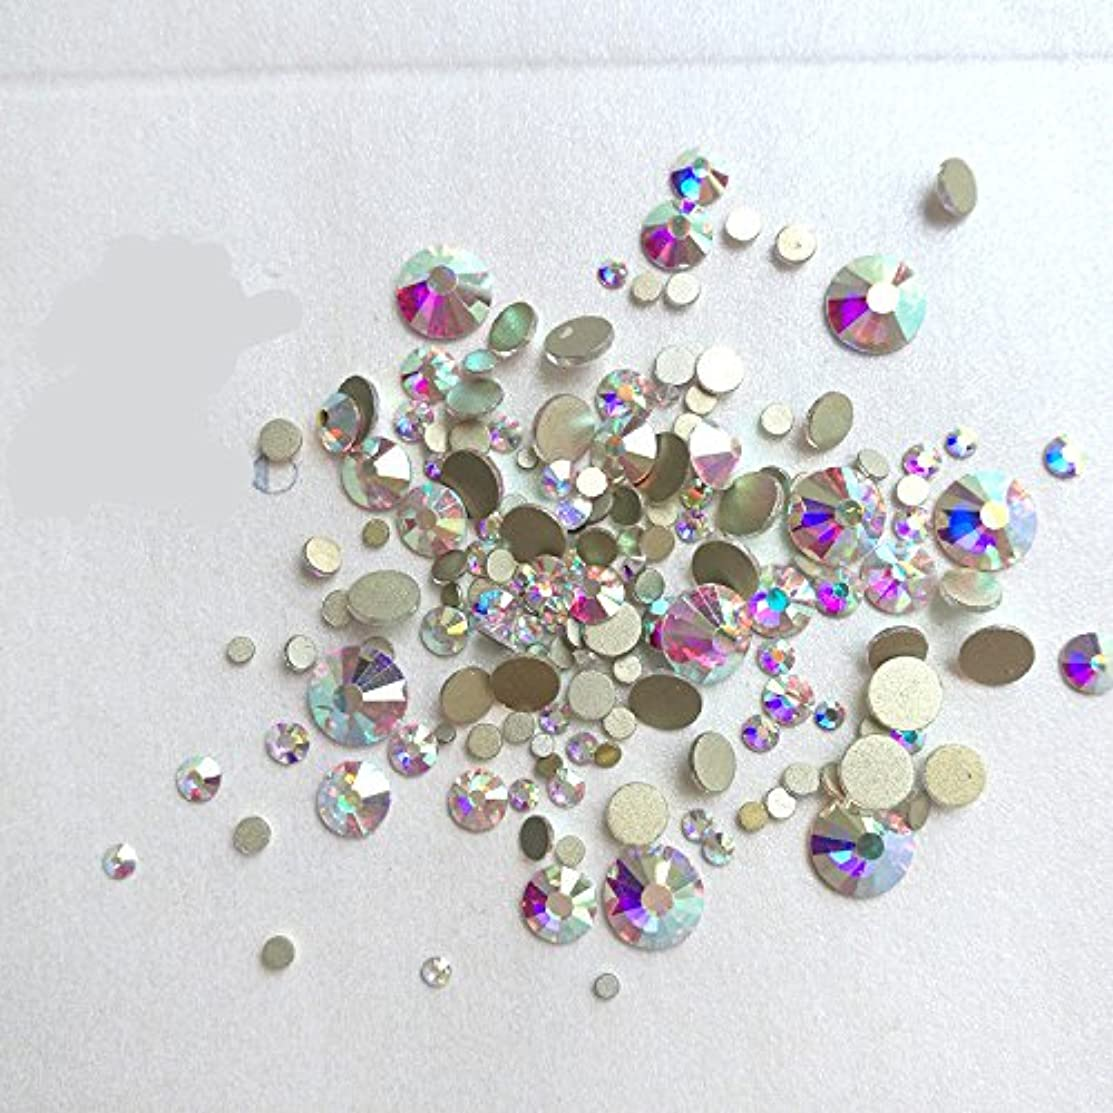 エゴマニア手足回想ガラス製ラインストーン クリスタルAB 各サイズ選択可能 (6.5mm (SS30) 約288粒) [並行輸入品]